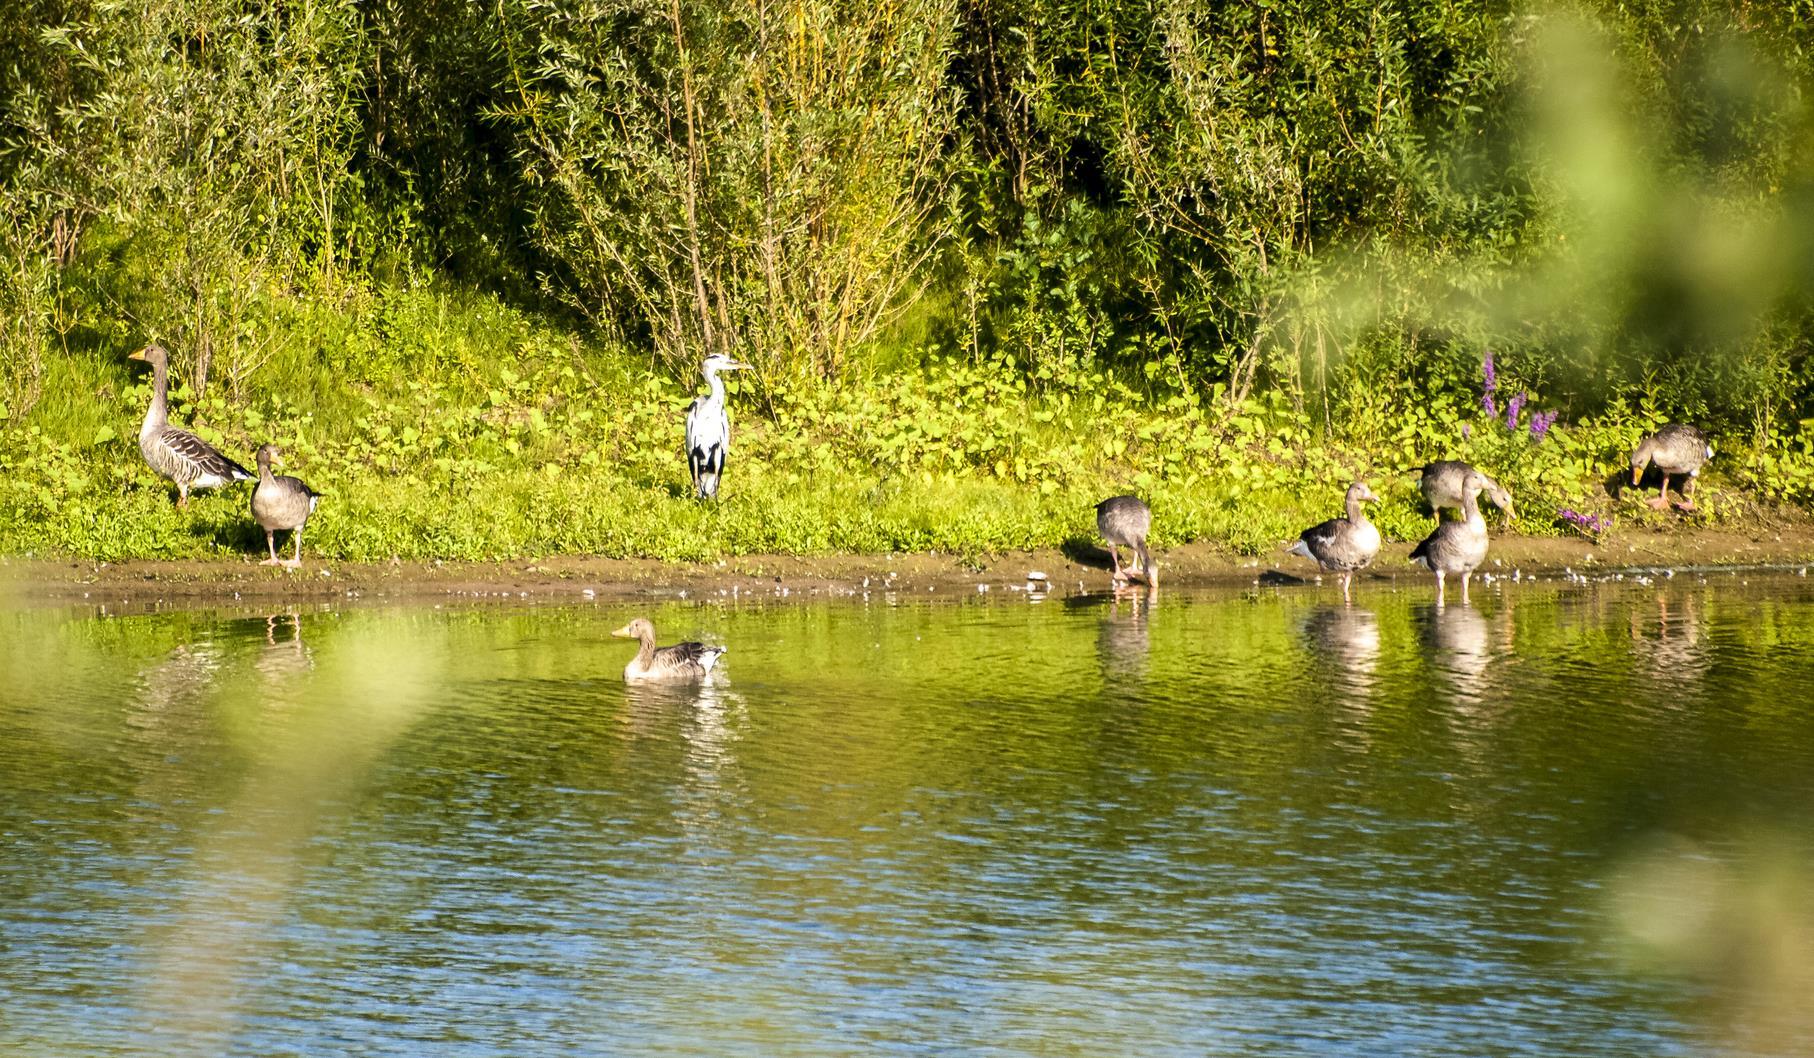 Am östlichen Teich sitzt ein Graureiher zwischen den Graugänsen.